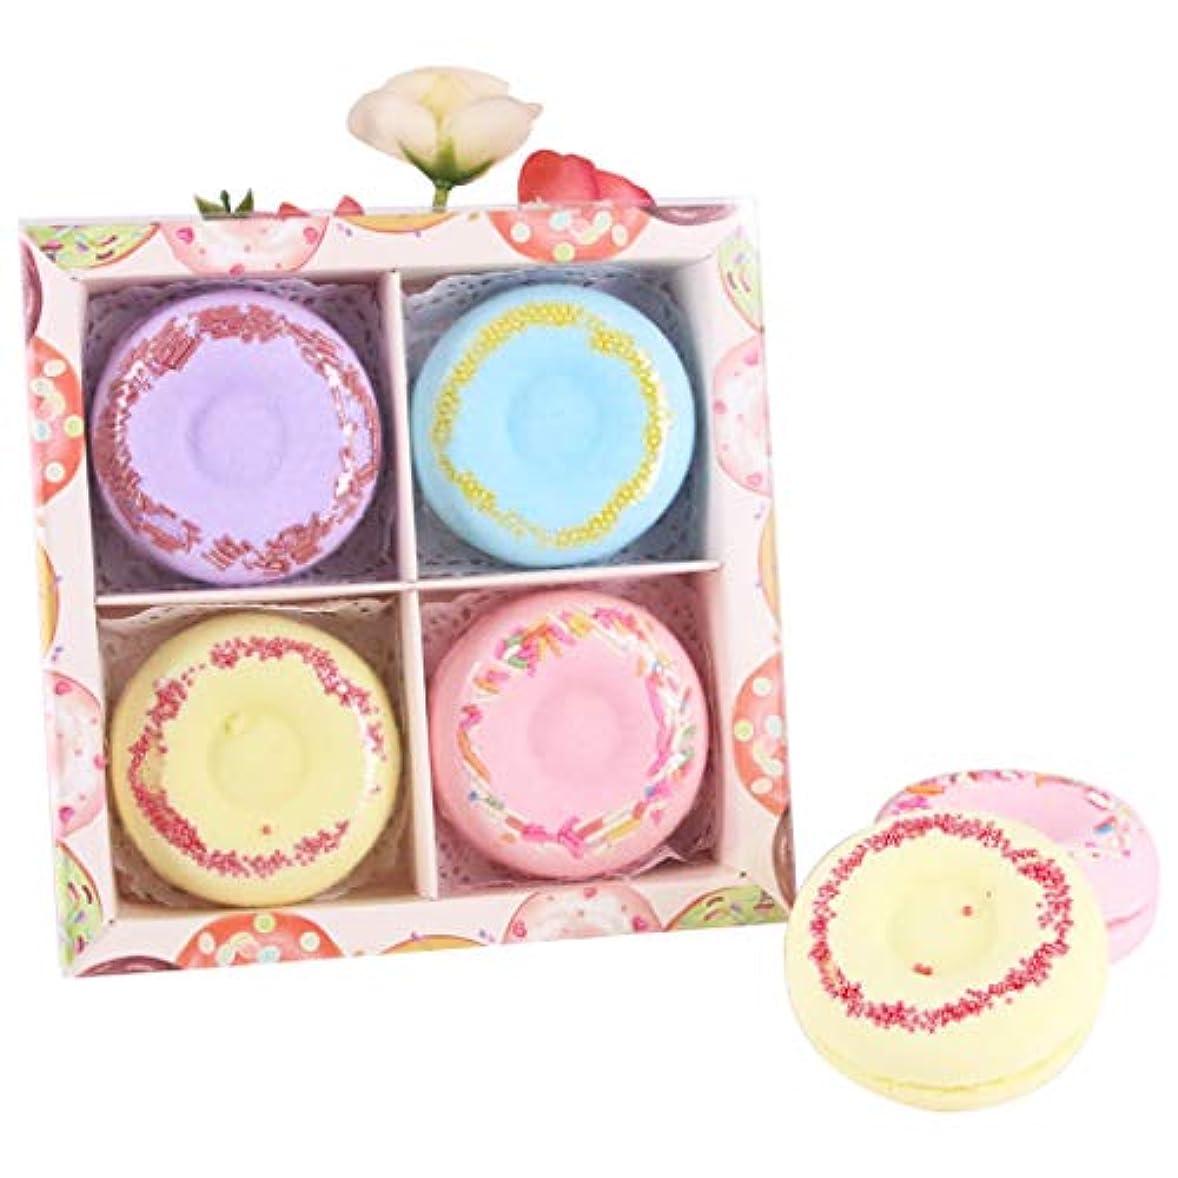 スケッチ定常アフリカ人Funpa 4枚セット 入浴剤 入浴ボール ドーナツ型 可愛い 精油 香り残す バレンタインデー 彼女のプレゼント お風呂用